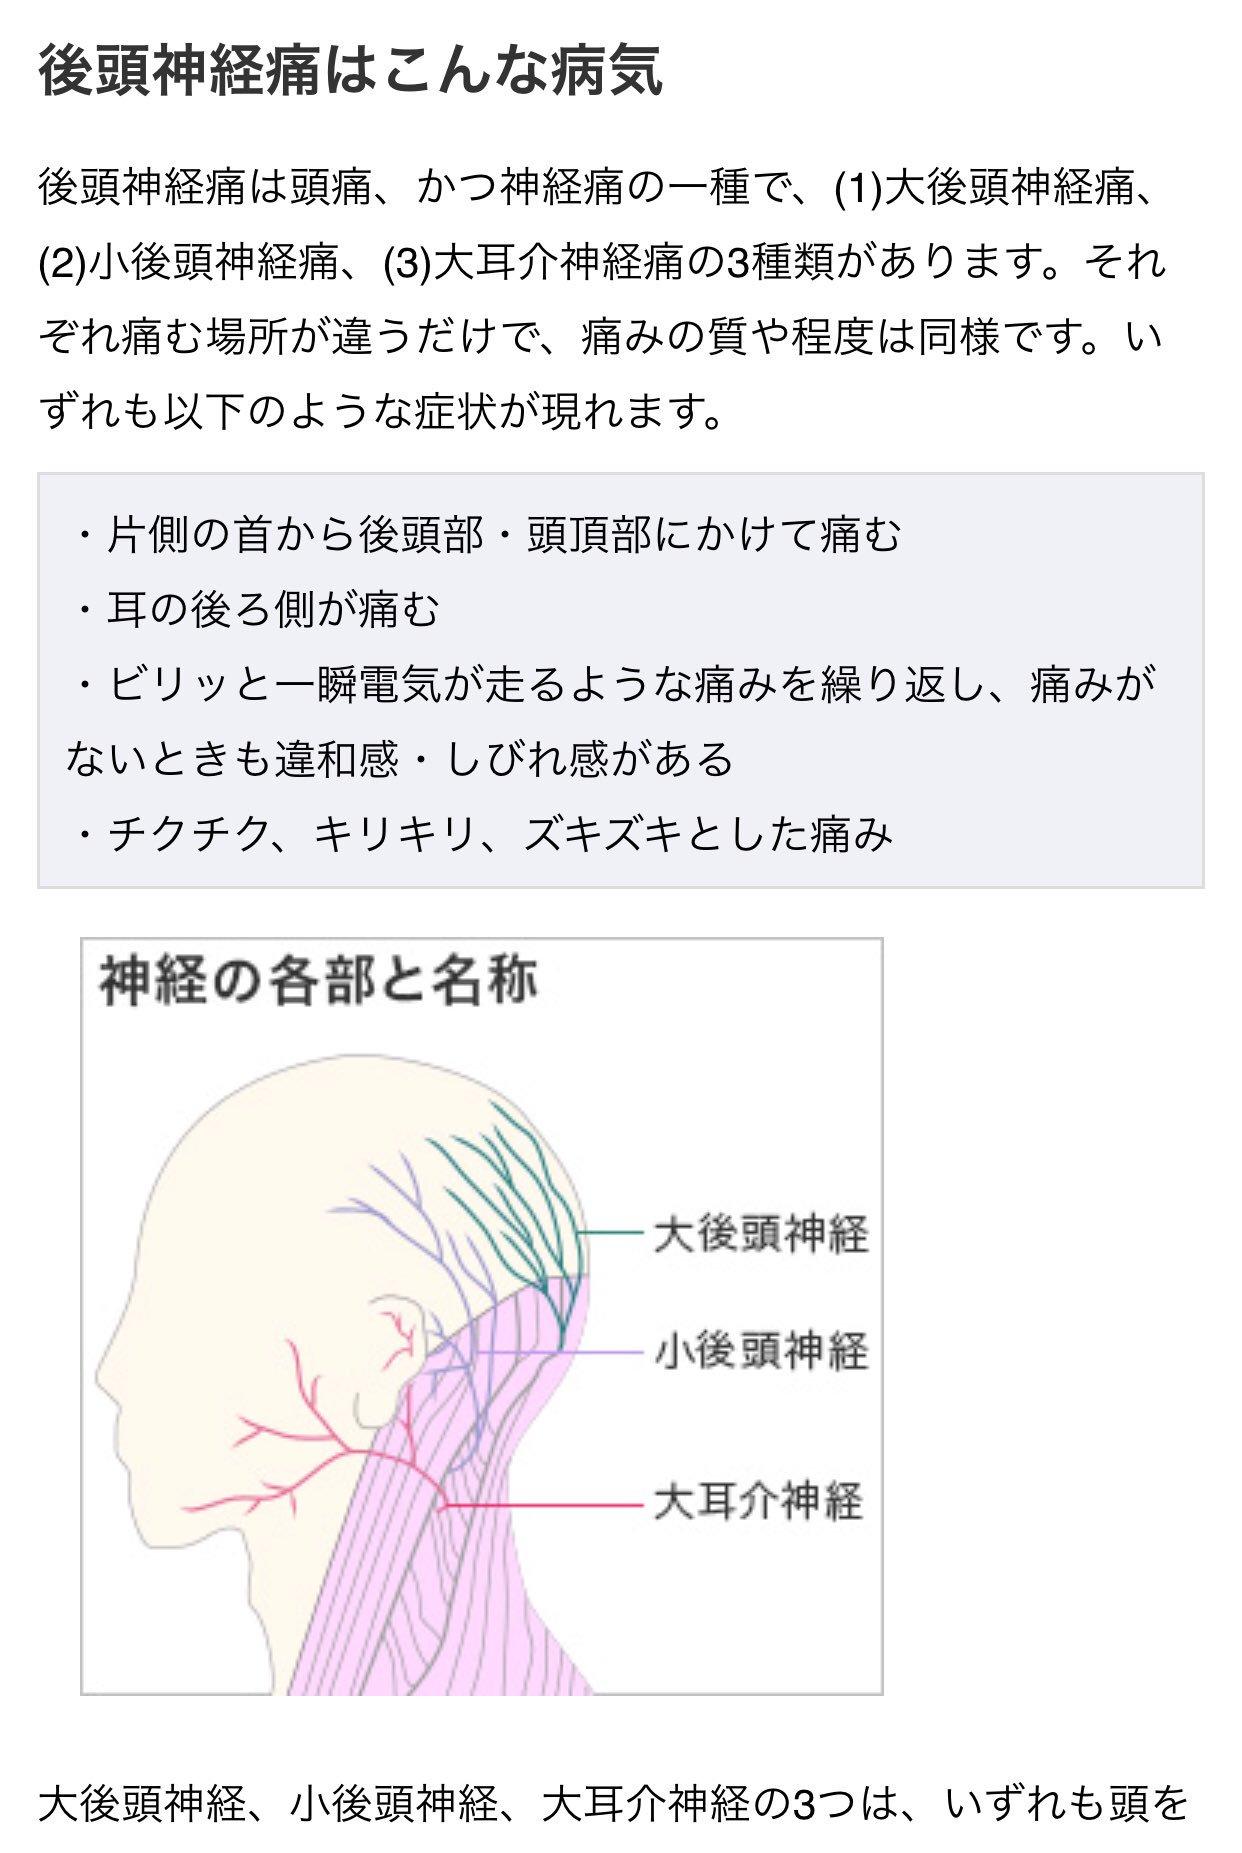 が 痛い から 後頭部 首筋